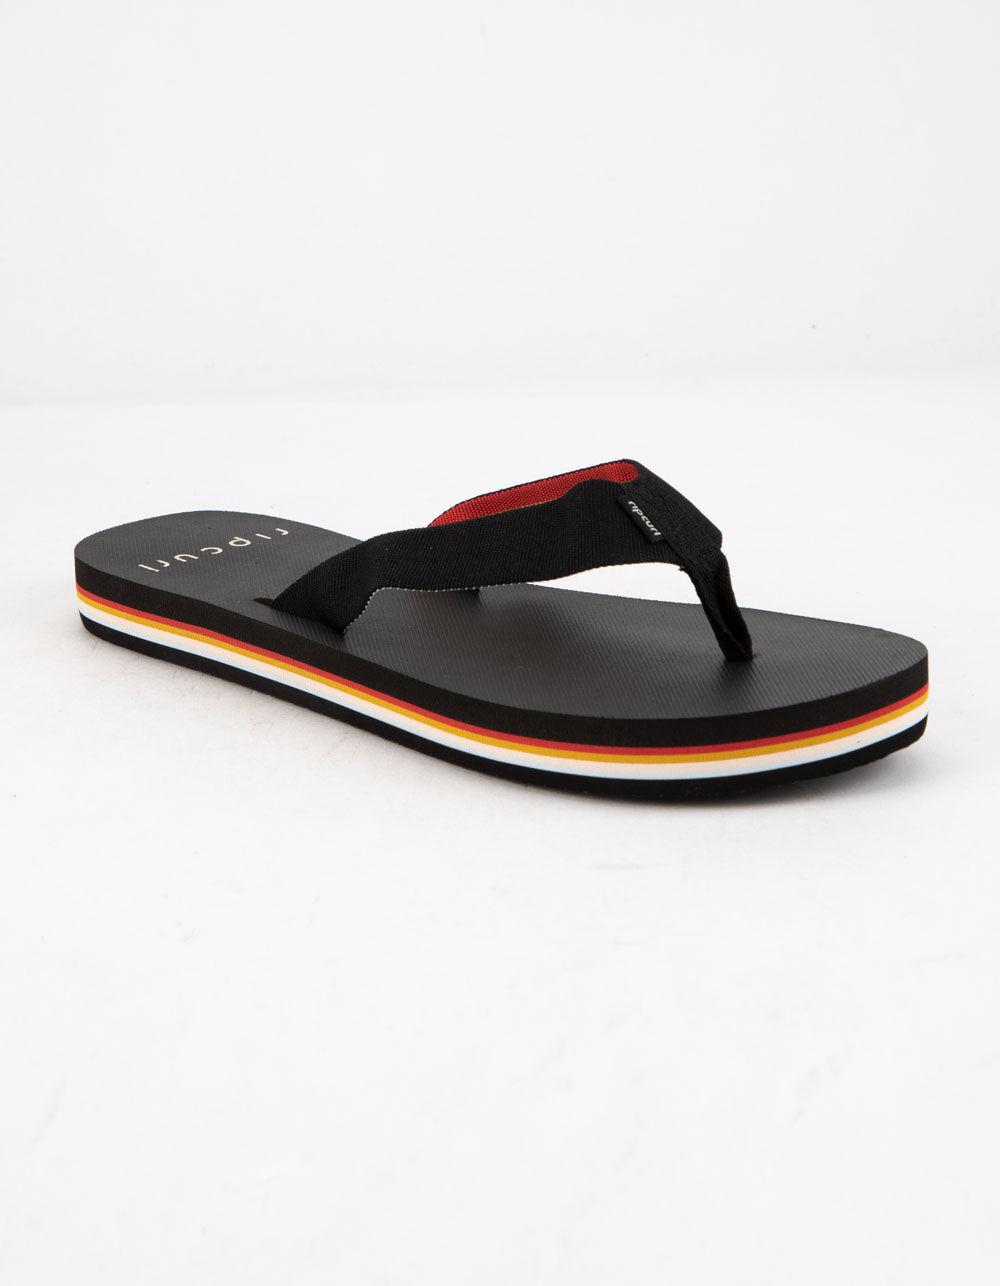 RIP CURL Skye Sandals